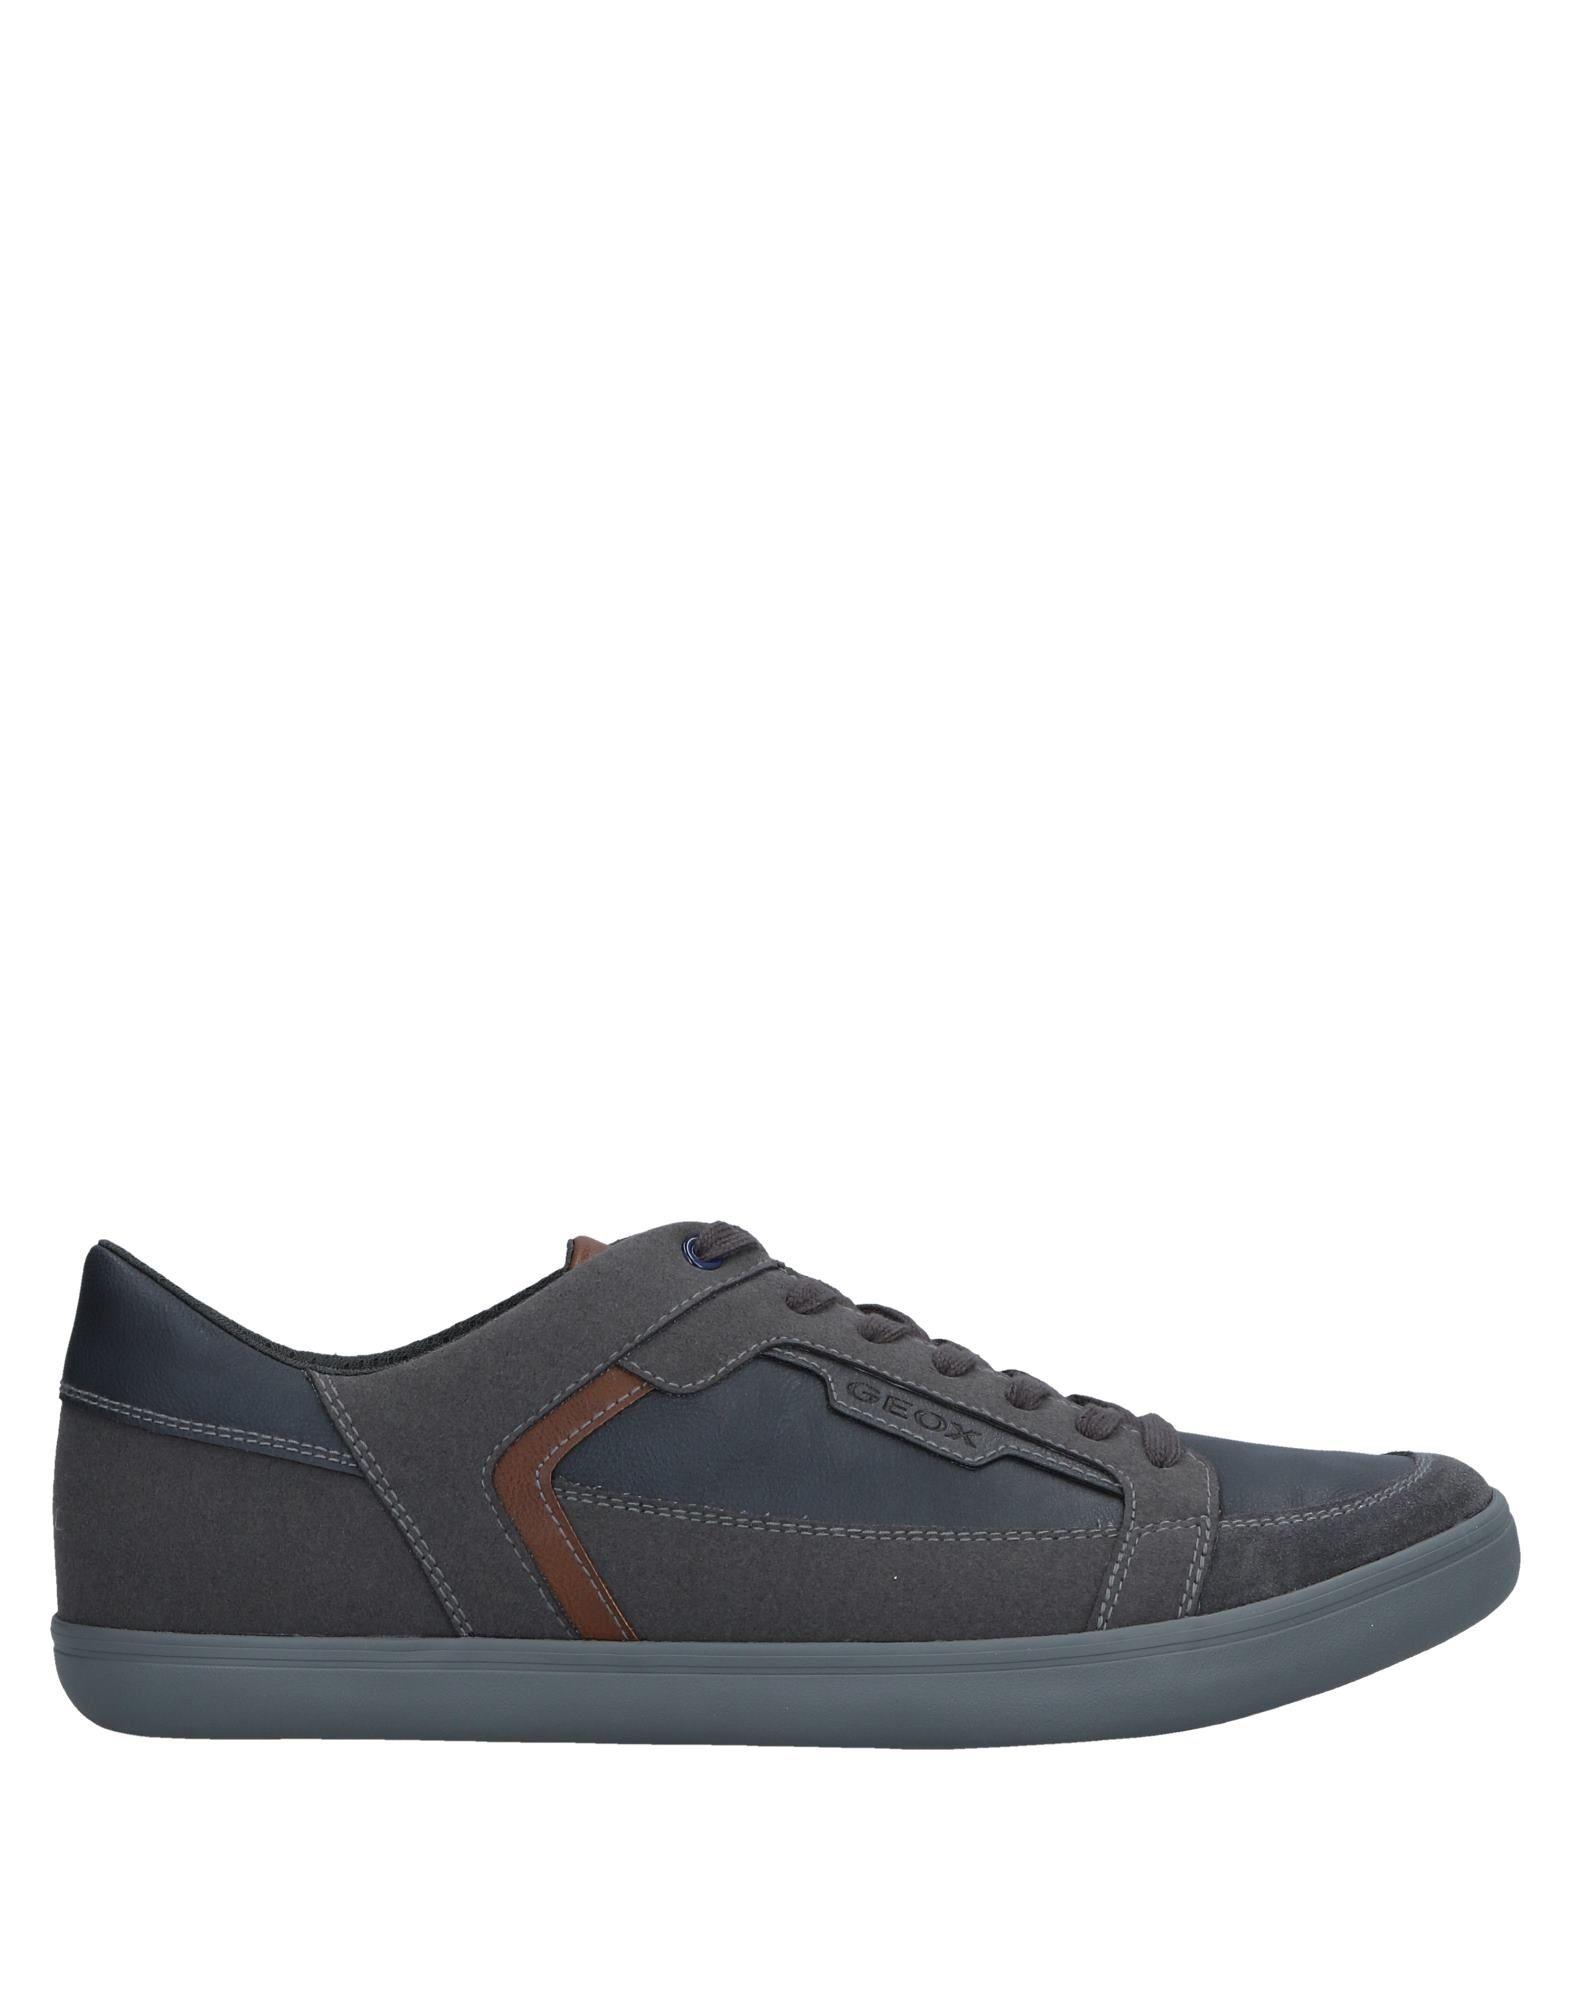 Haltbare Mode billige Schuhe Geox Sneakers Herren  11539480CT Heiße Schuhe